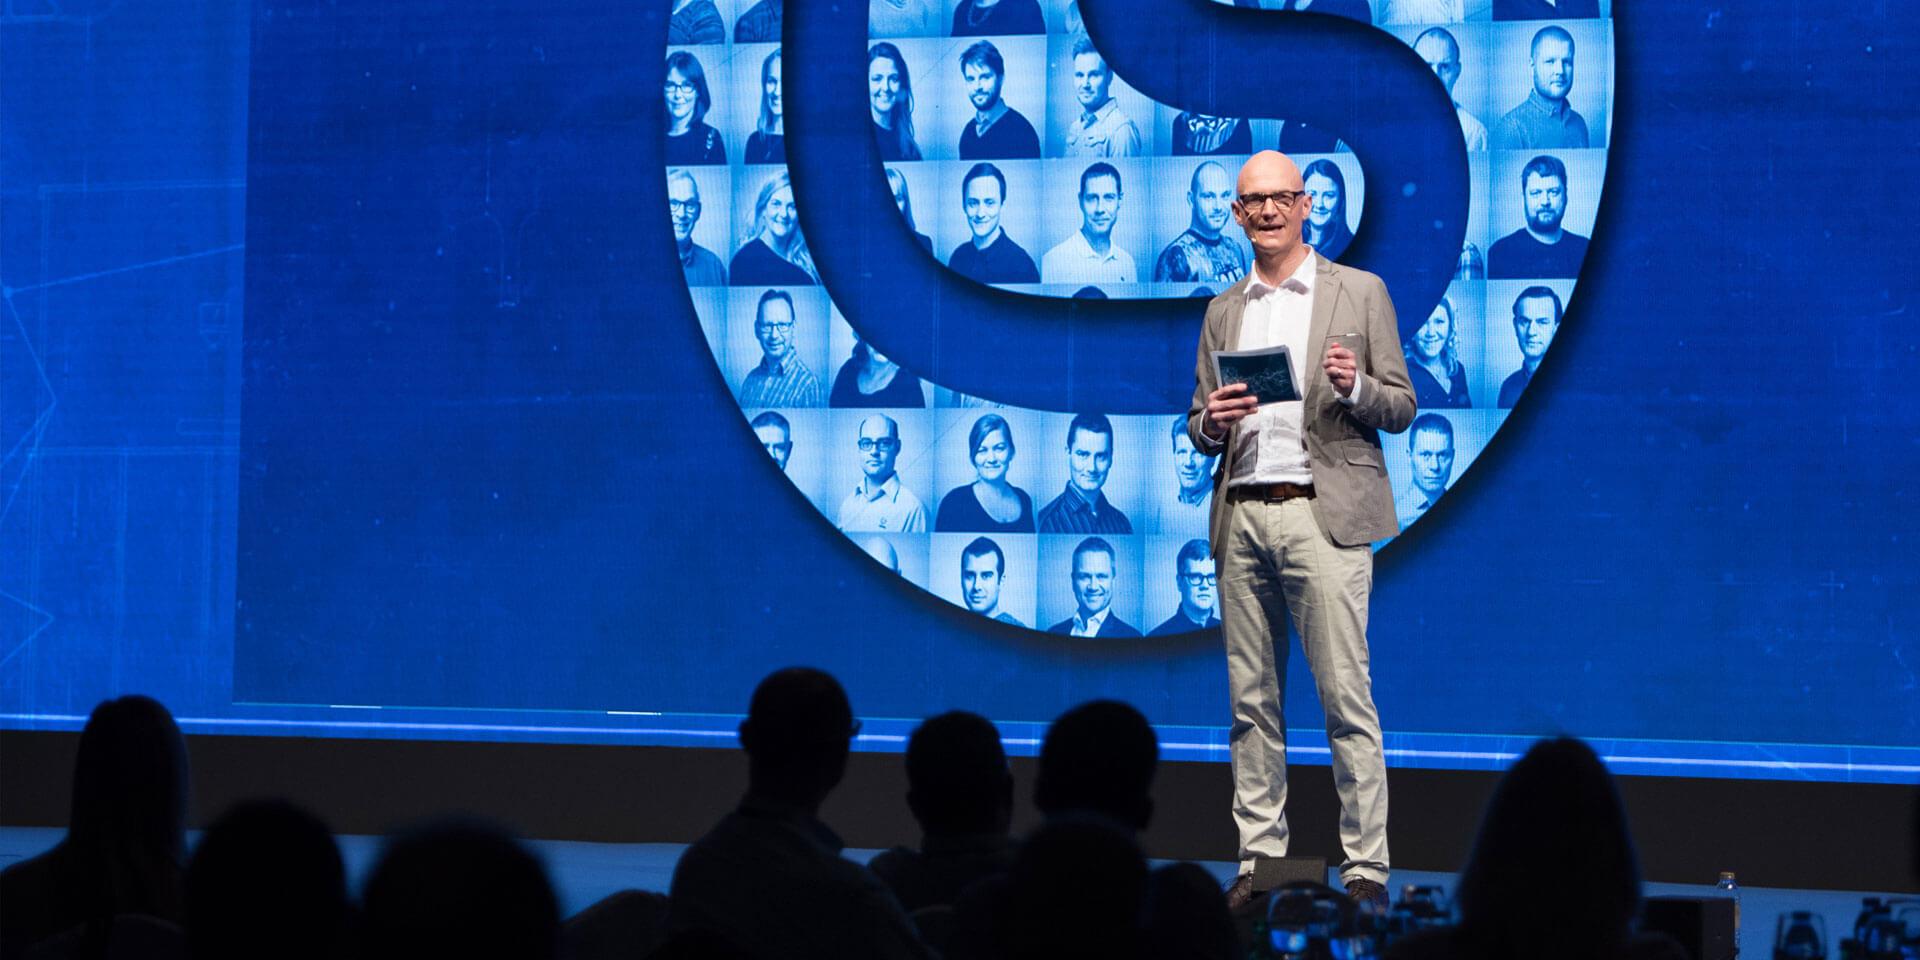 Easier, Simpler, Faster: Opening Keynote by Magnus Norddahl